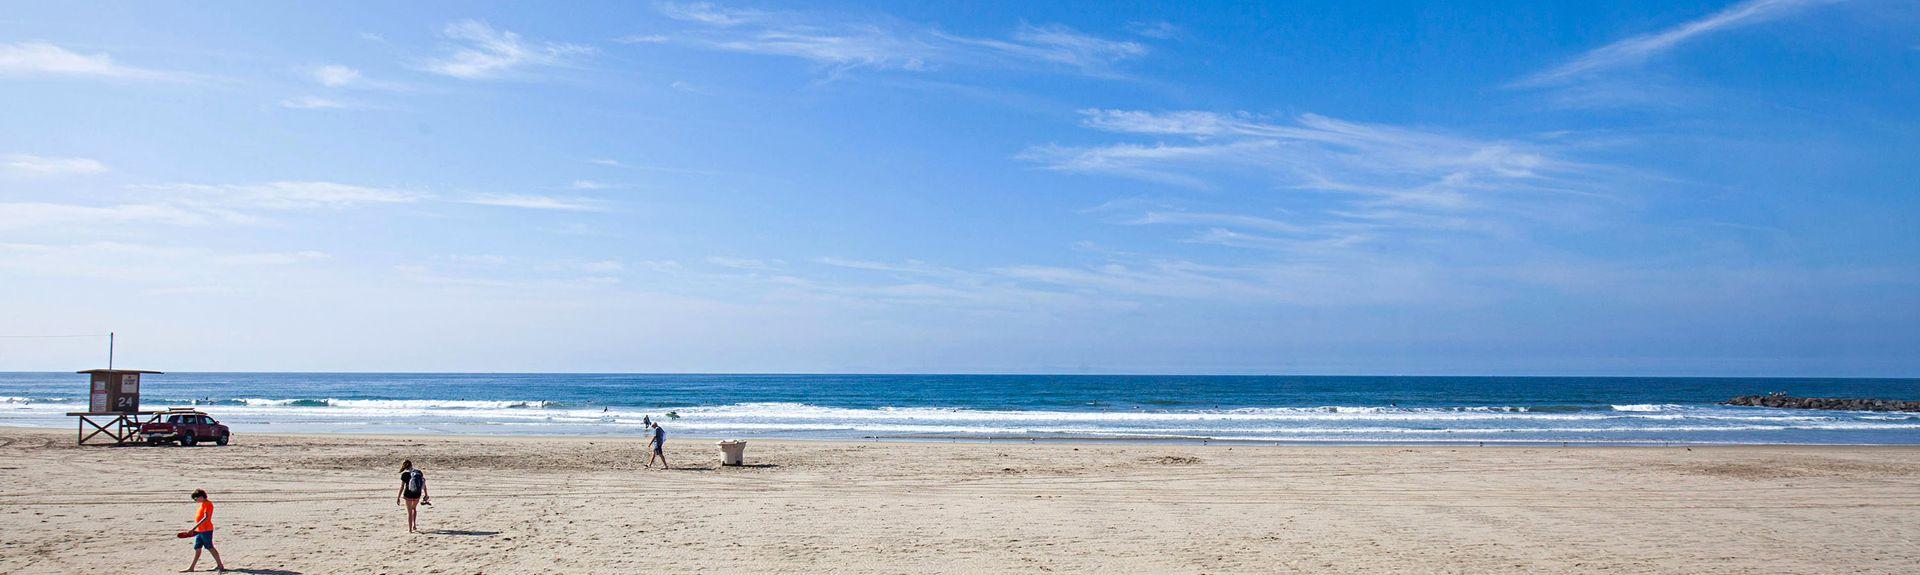 Huntington Beach, Califórnia, Estados Unidos